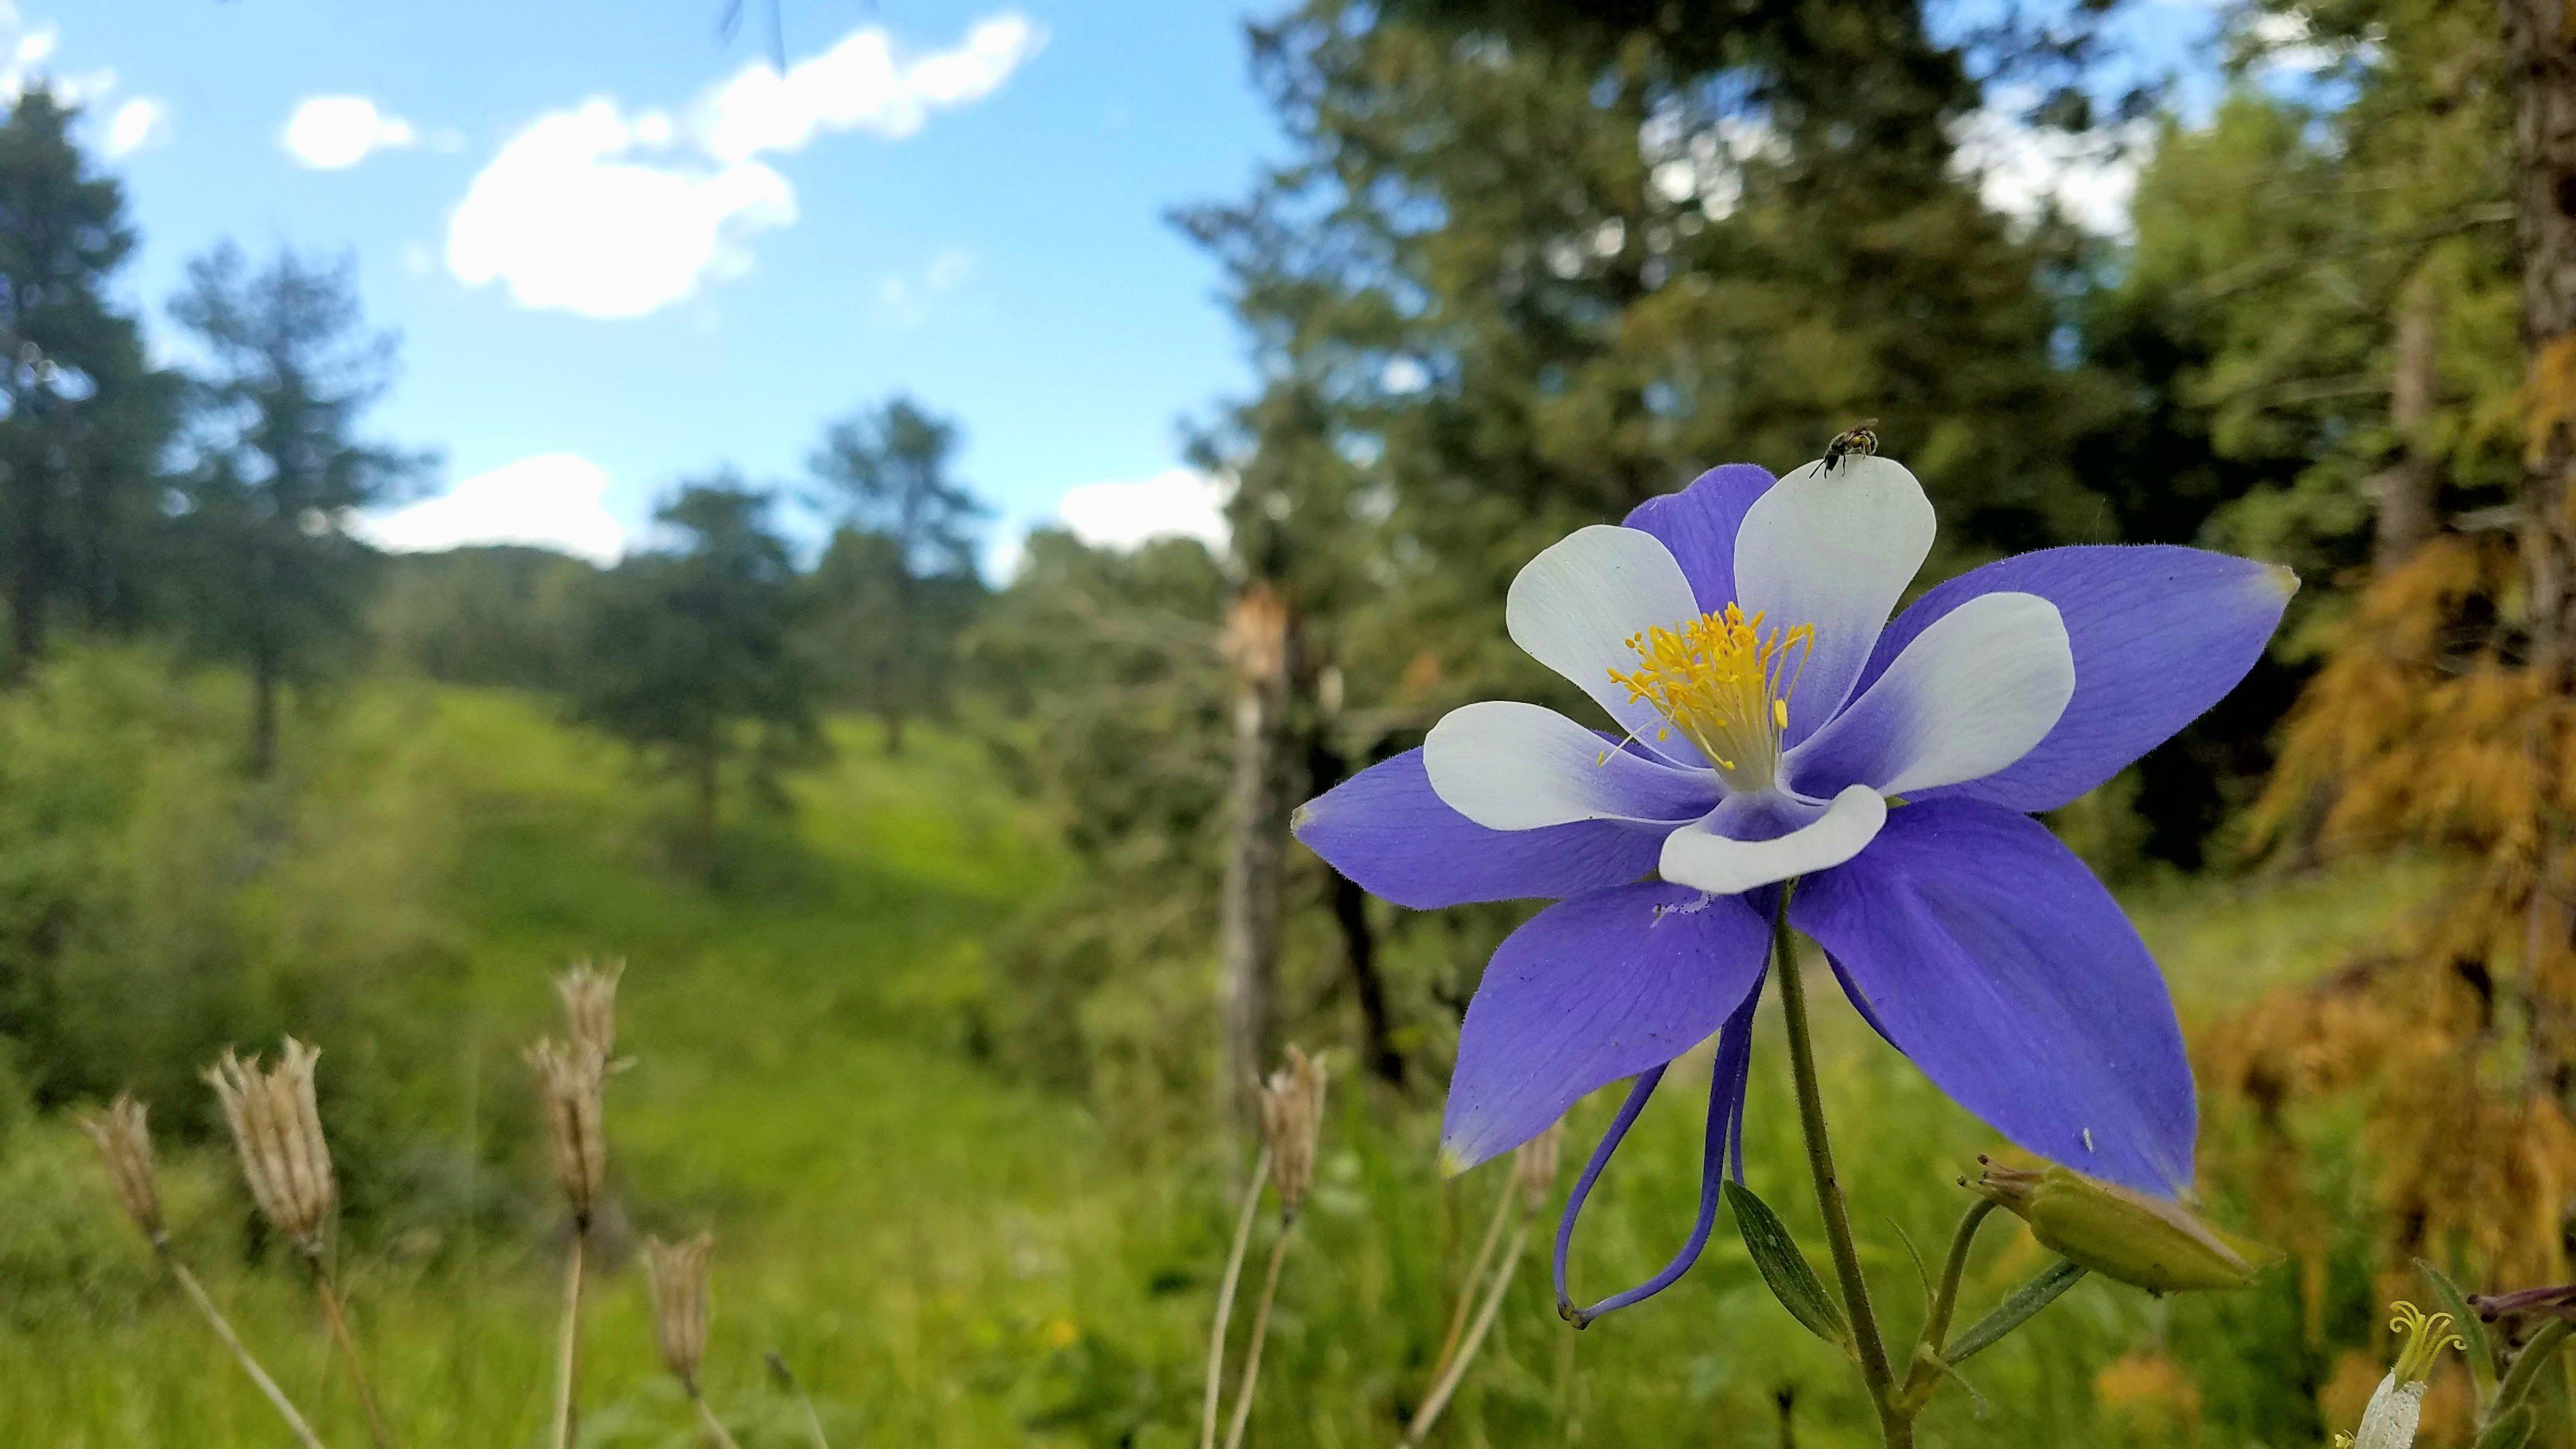 The columbine flower colorado usas state flower growing in its the columbine flower colorado usas state flower growing in its wild habitat 40322068 izmirmasajfo